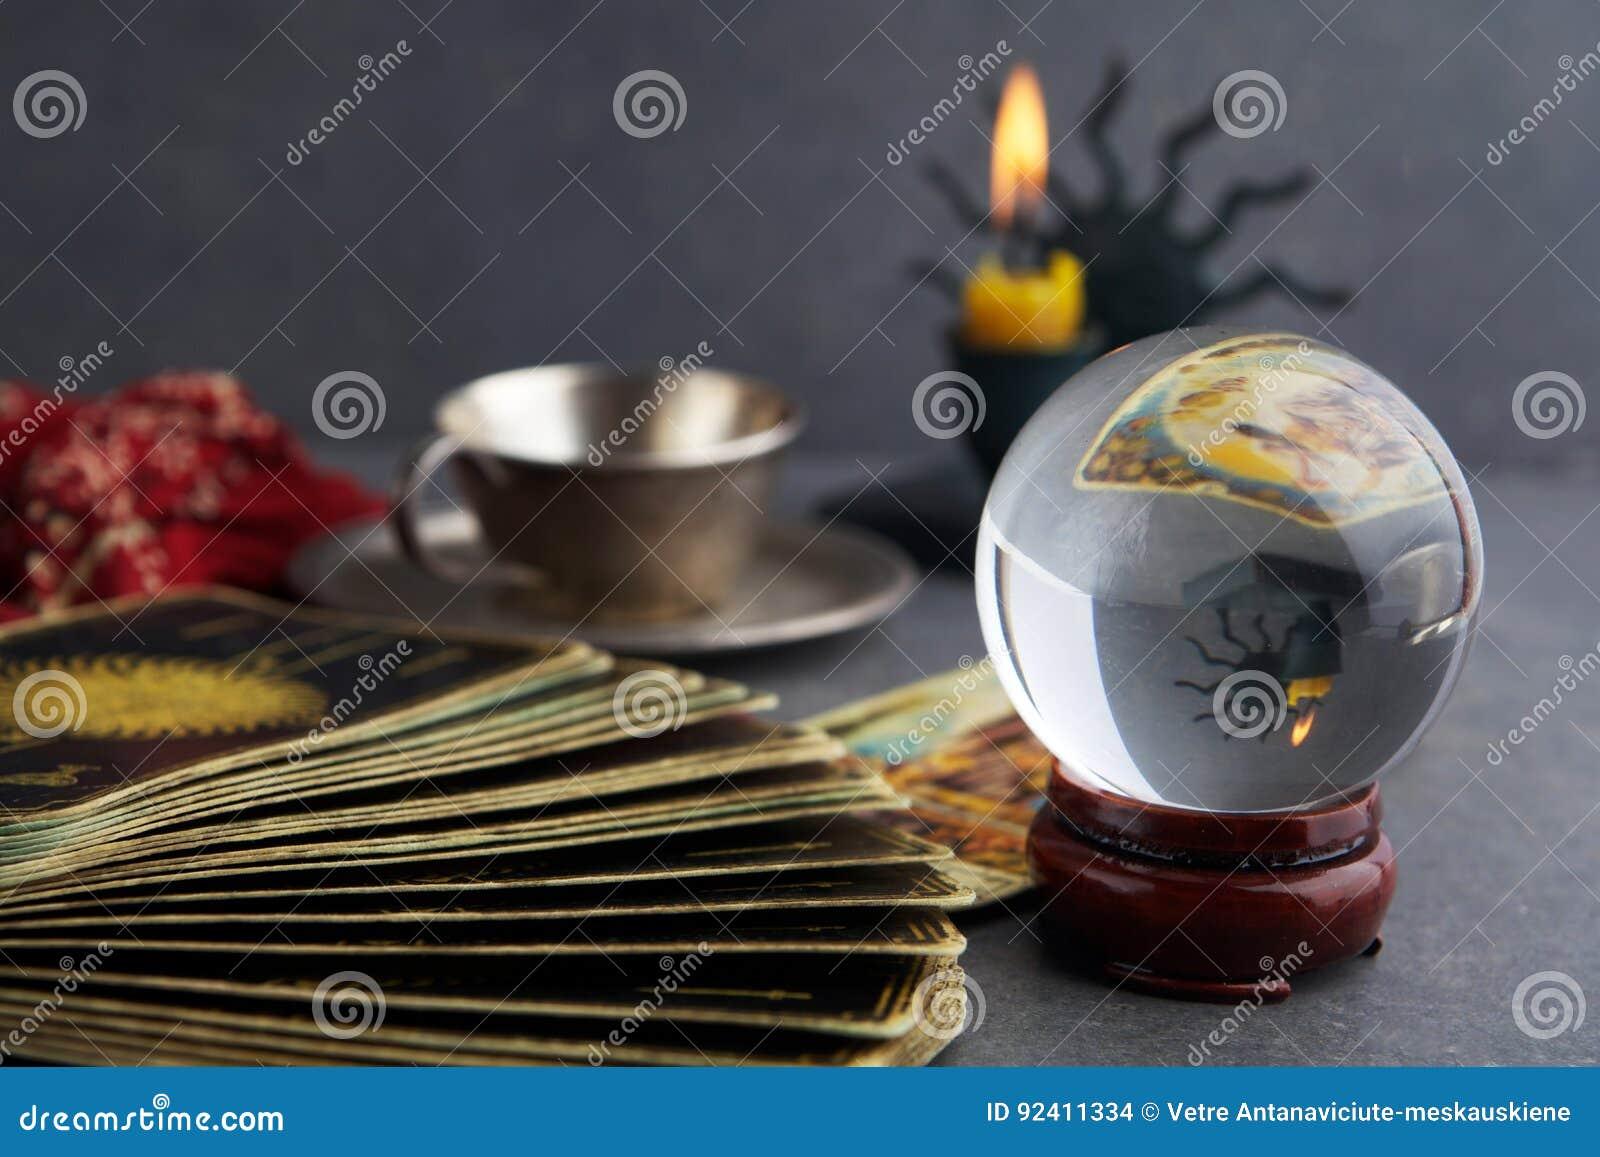 Samenstelling van esoterische die voorwerpen, voor het helen en fortuin-vertelt wordt gebruikt